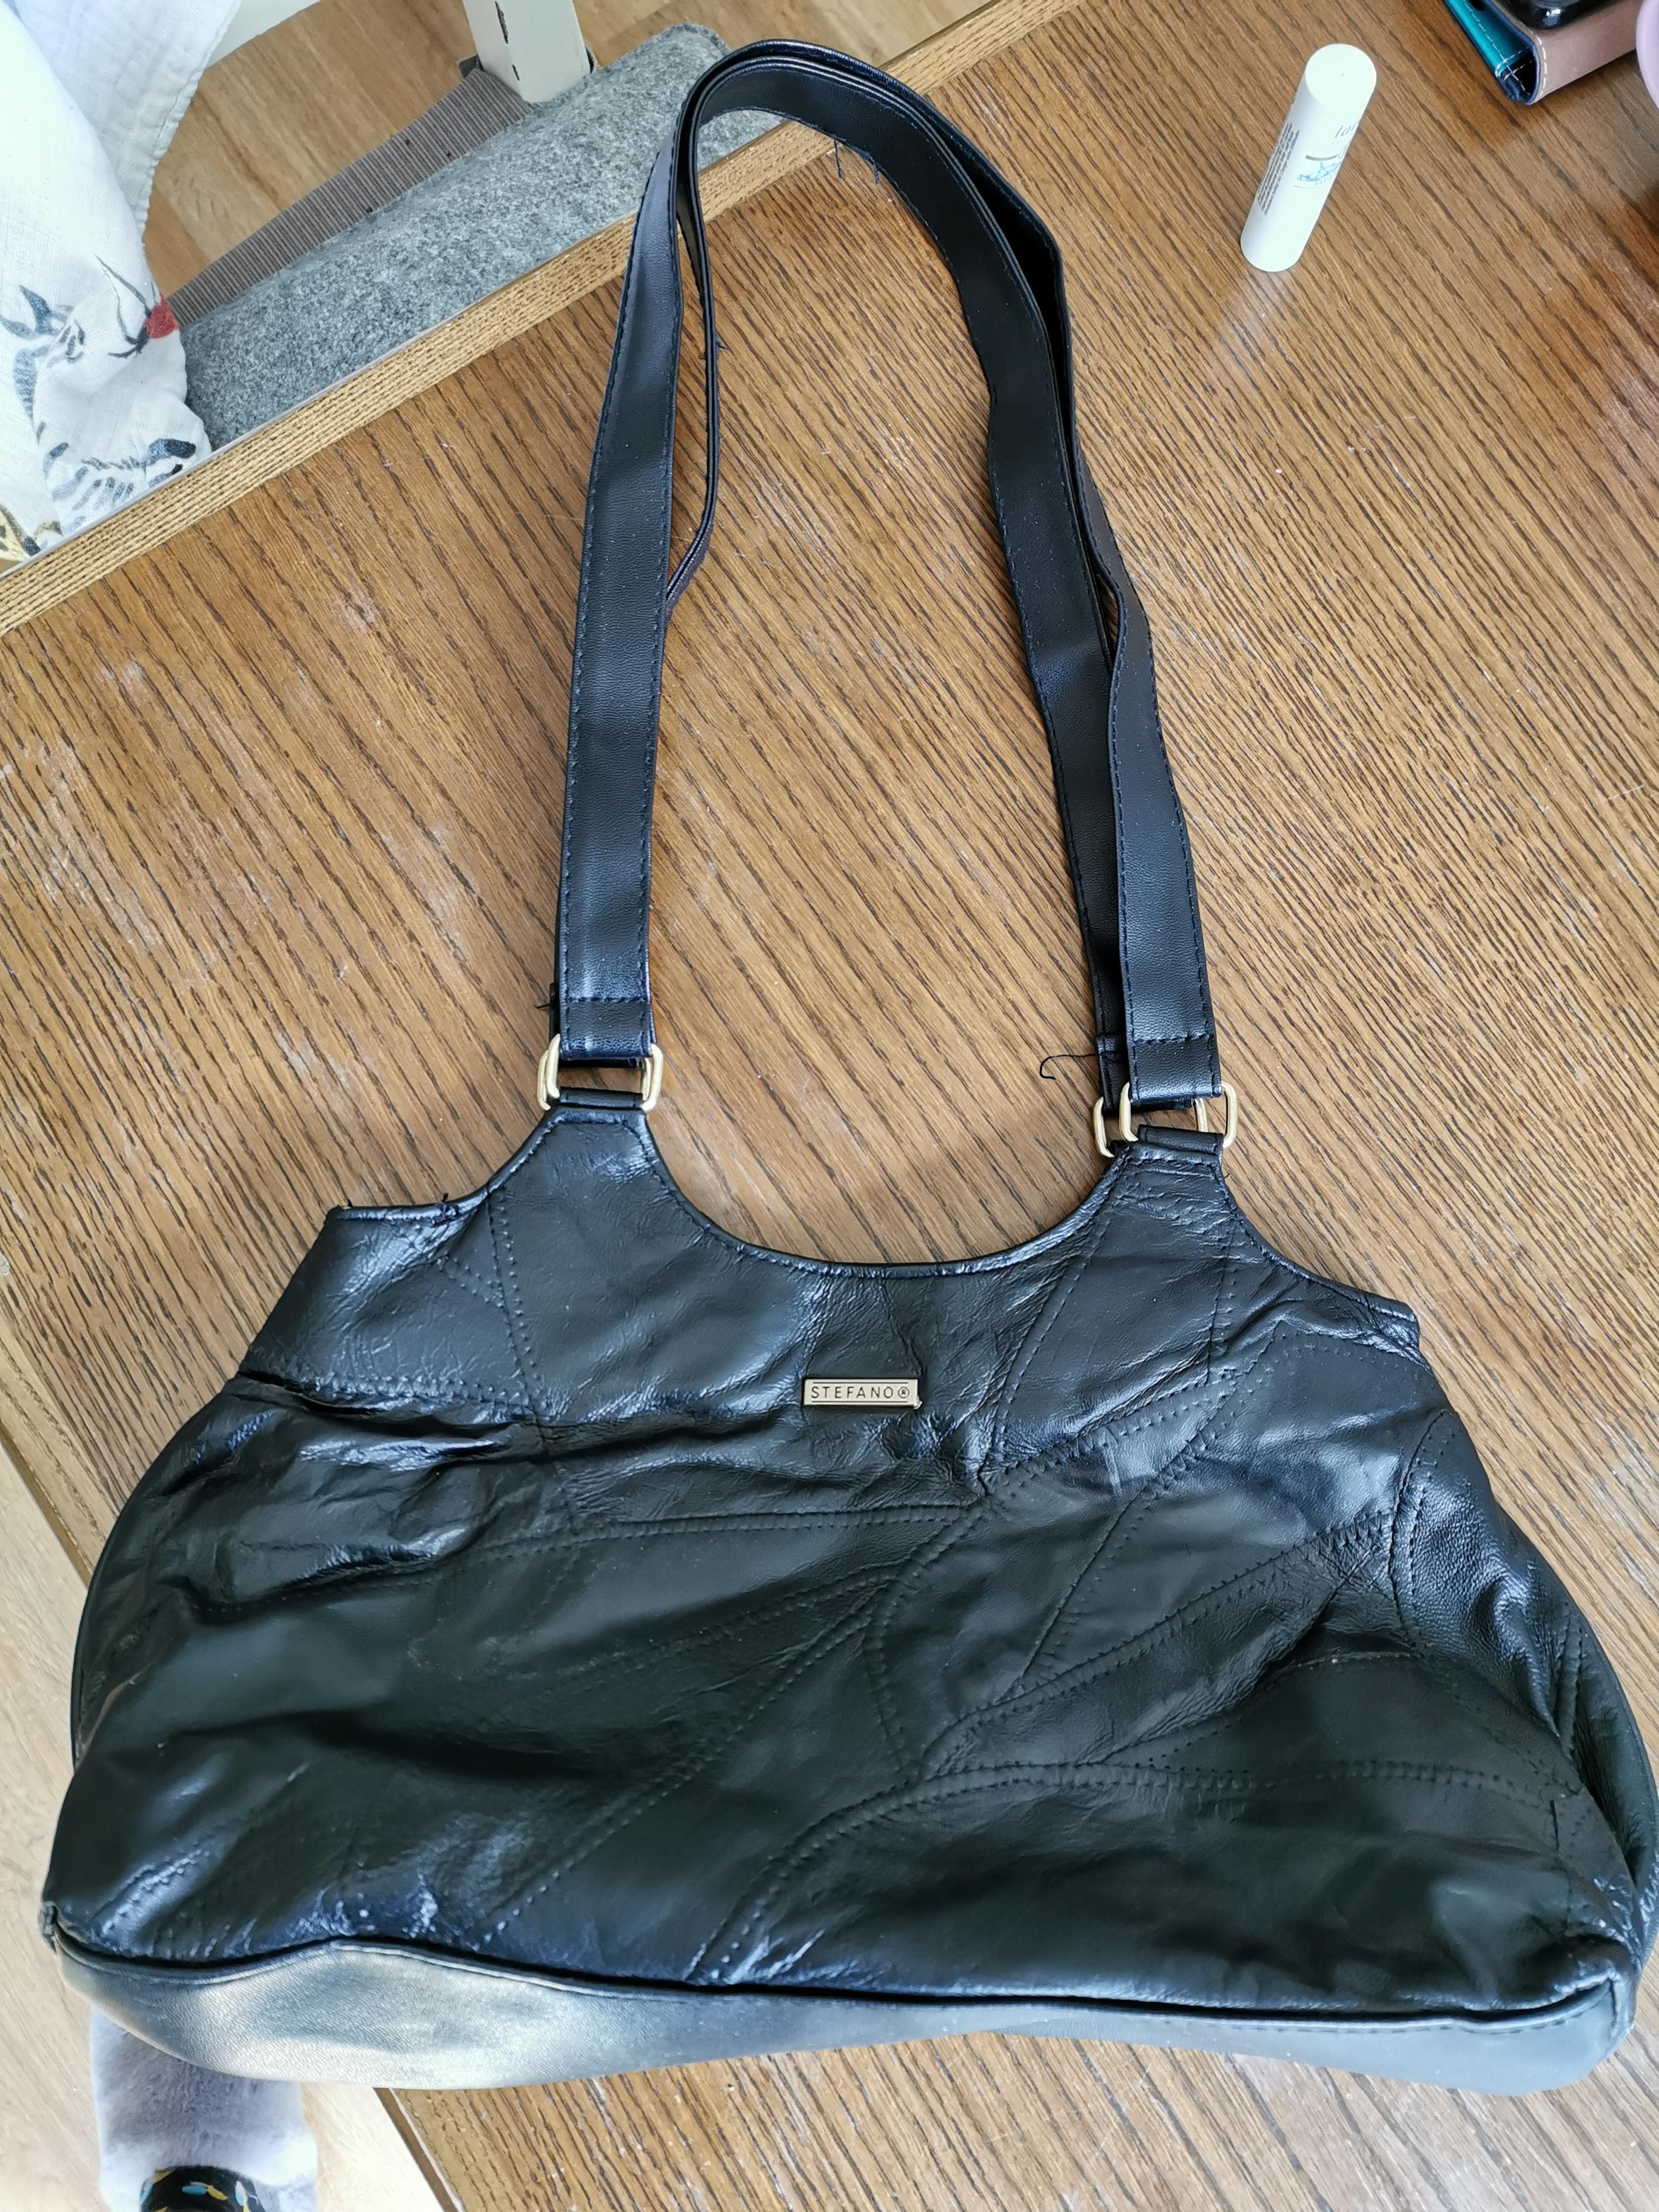 Damen-Handtasche schwarz Leder tauschen